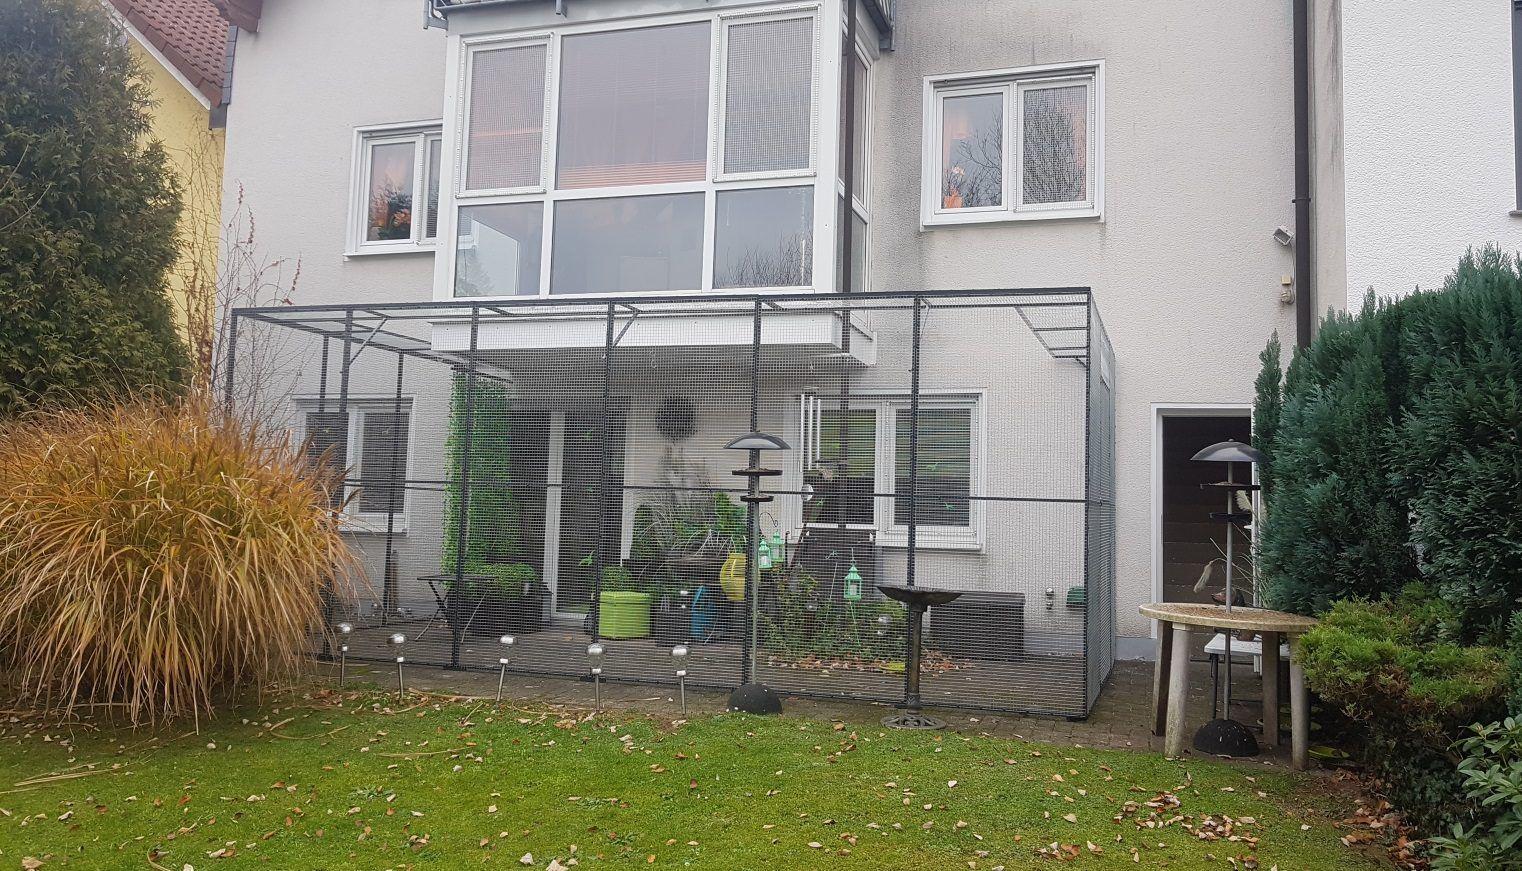 Terrassensicherung Mit Gehege Elementen Gehege Katzennetz Terrasse